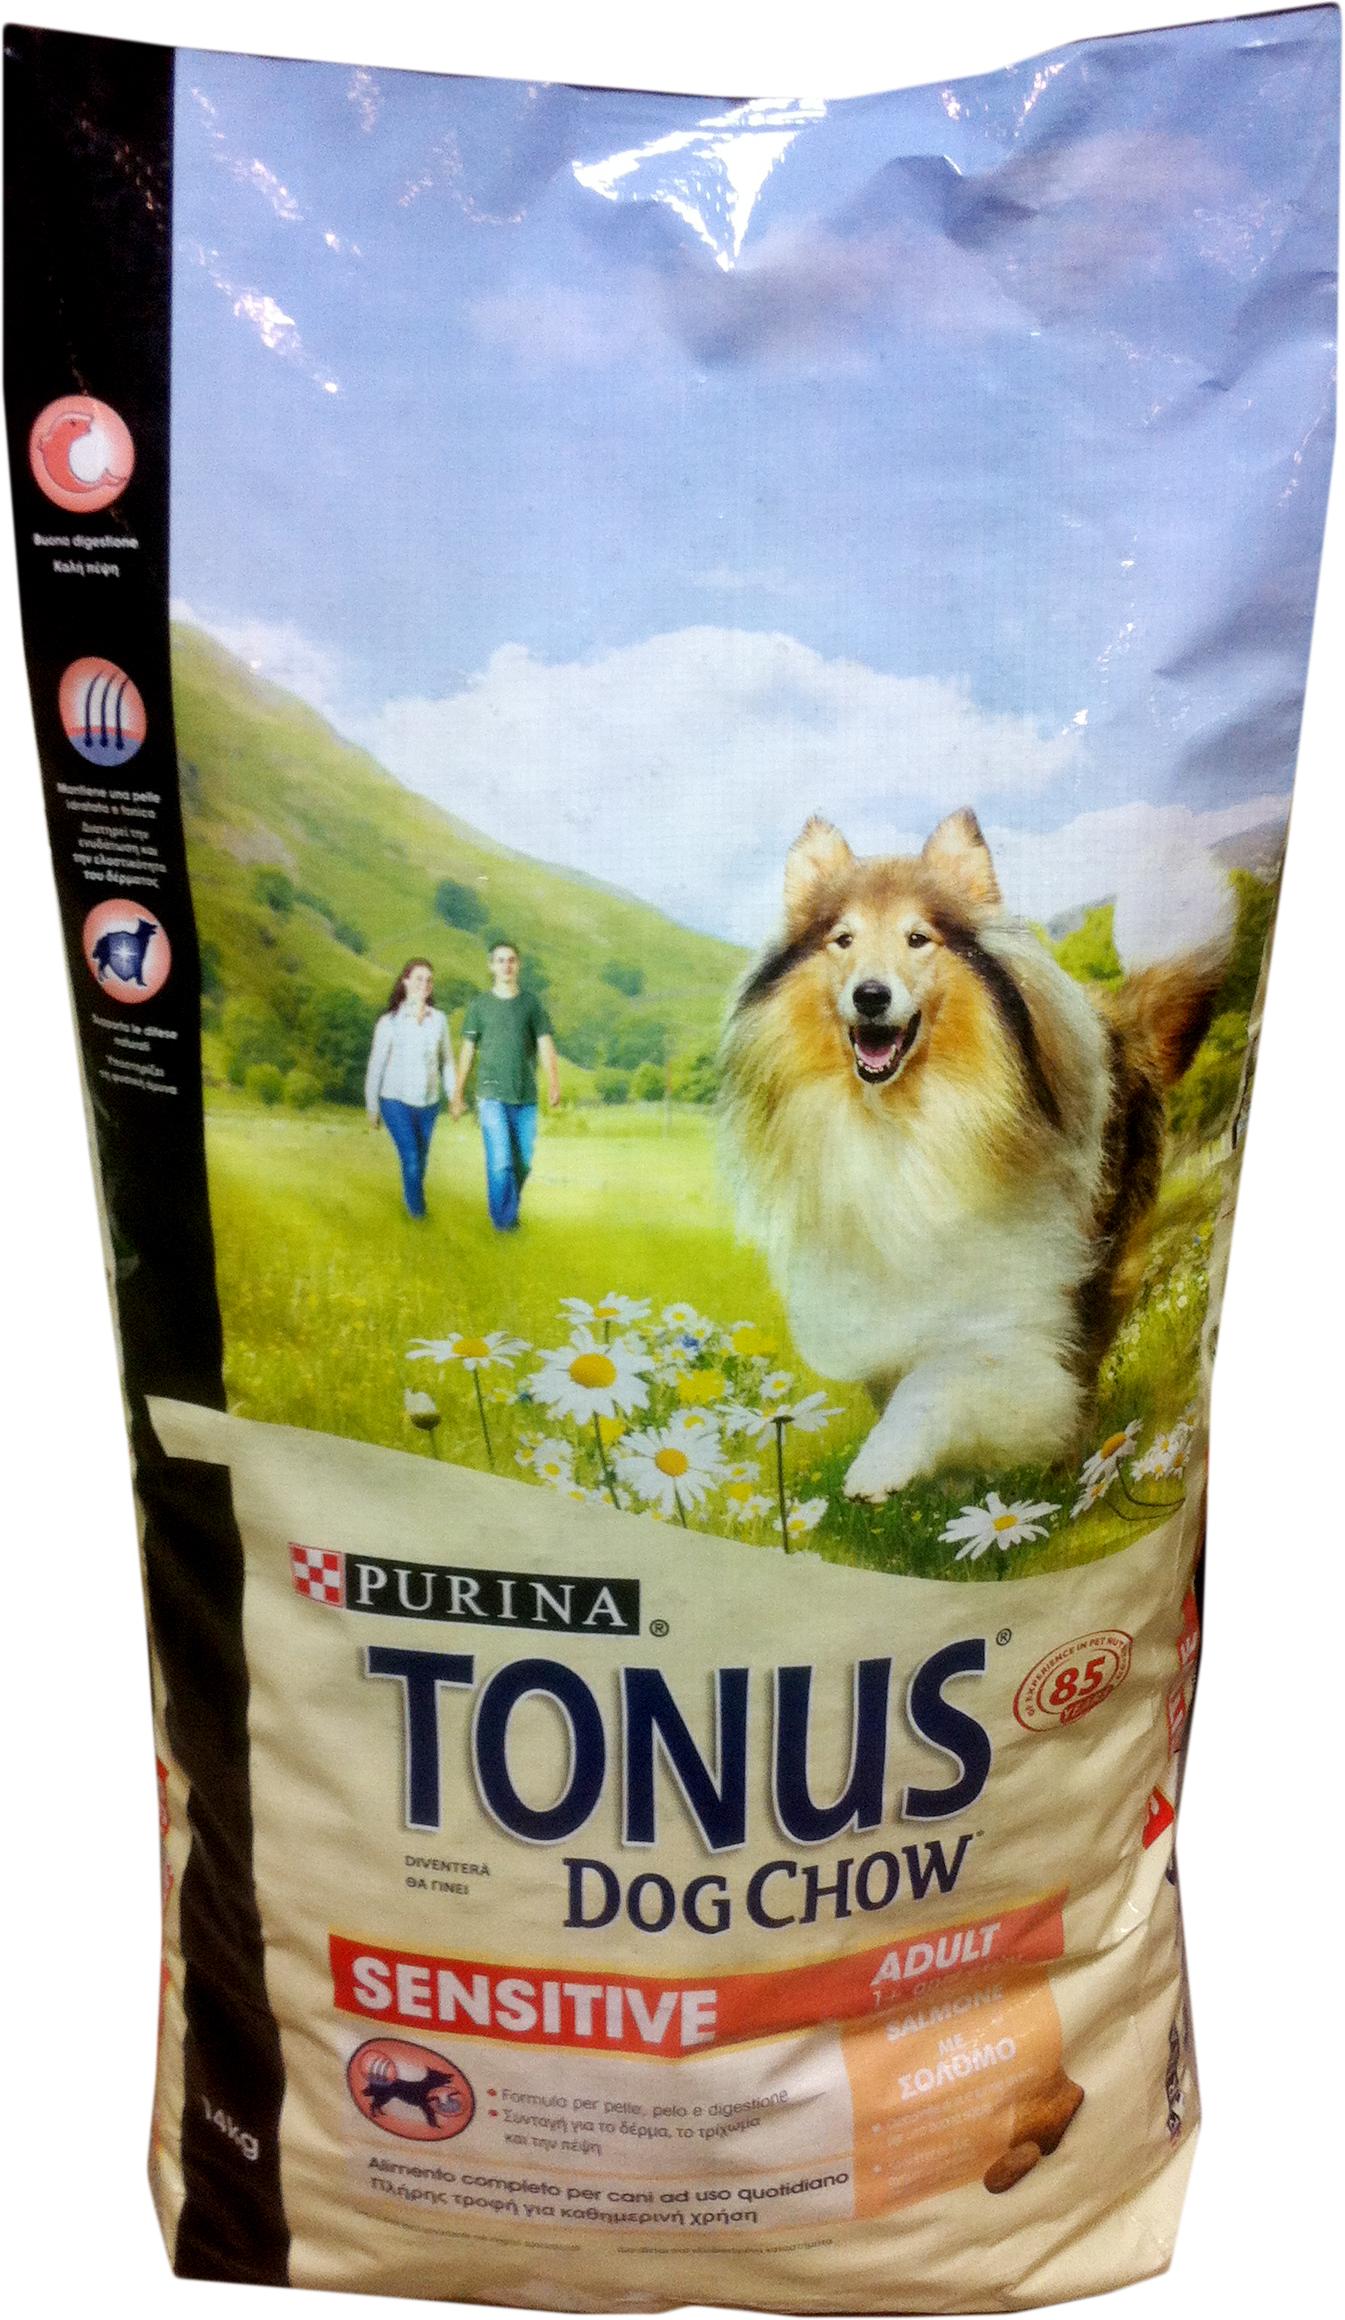 Purina Tonus Cibo Per Cani Completo Crocchette 14 Kg Sensitive Adult